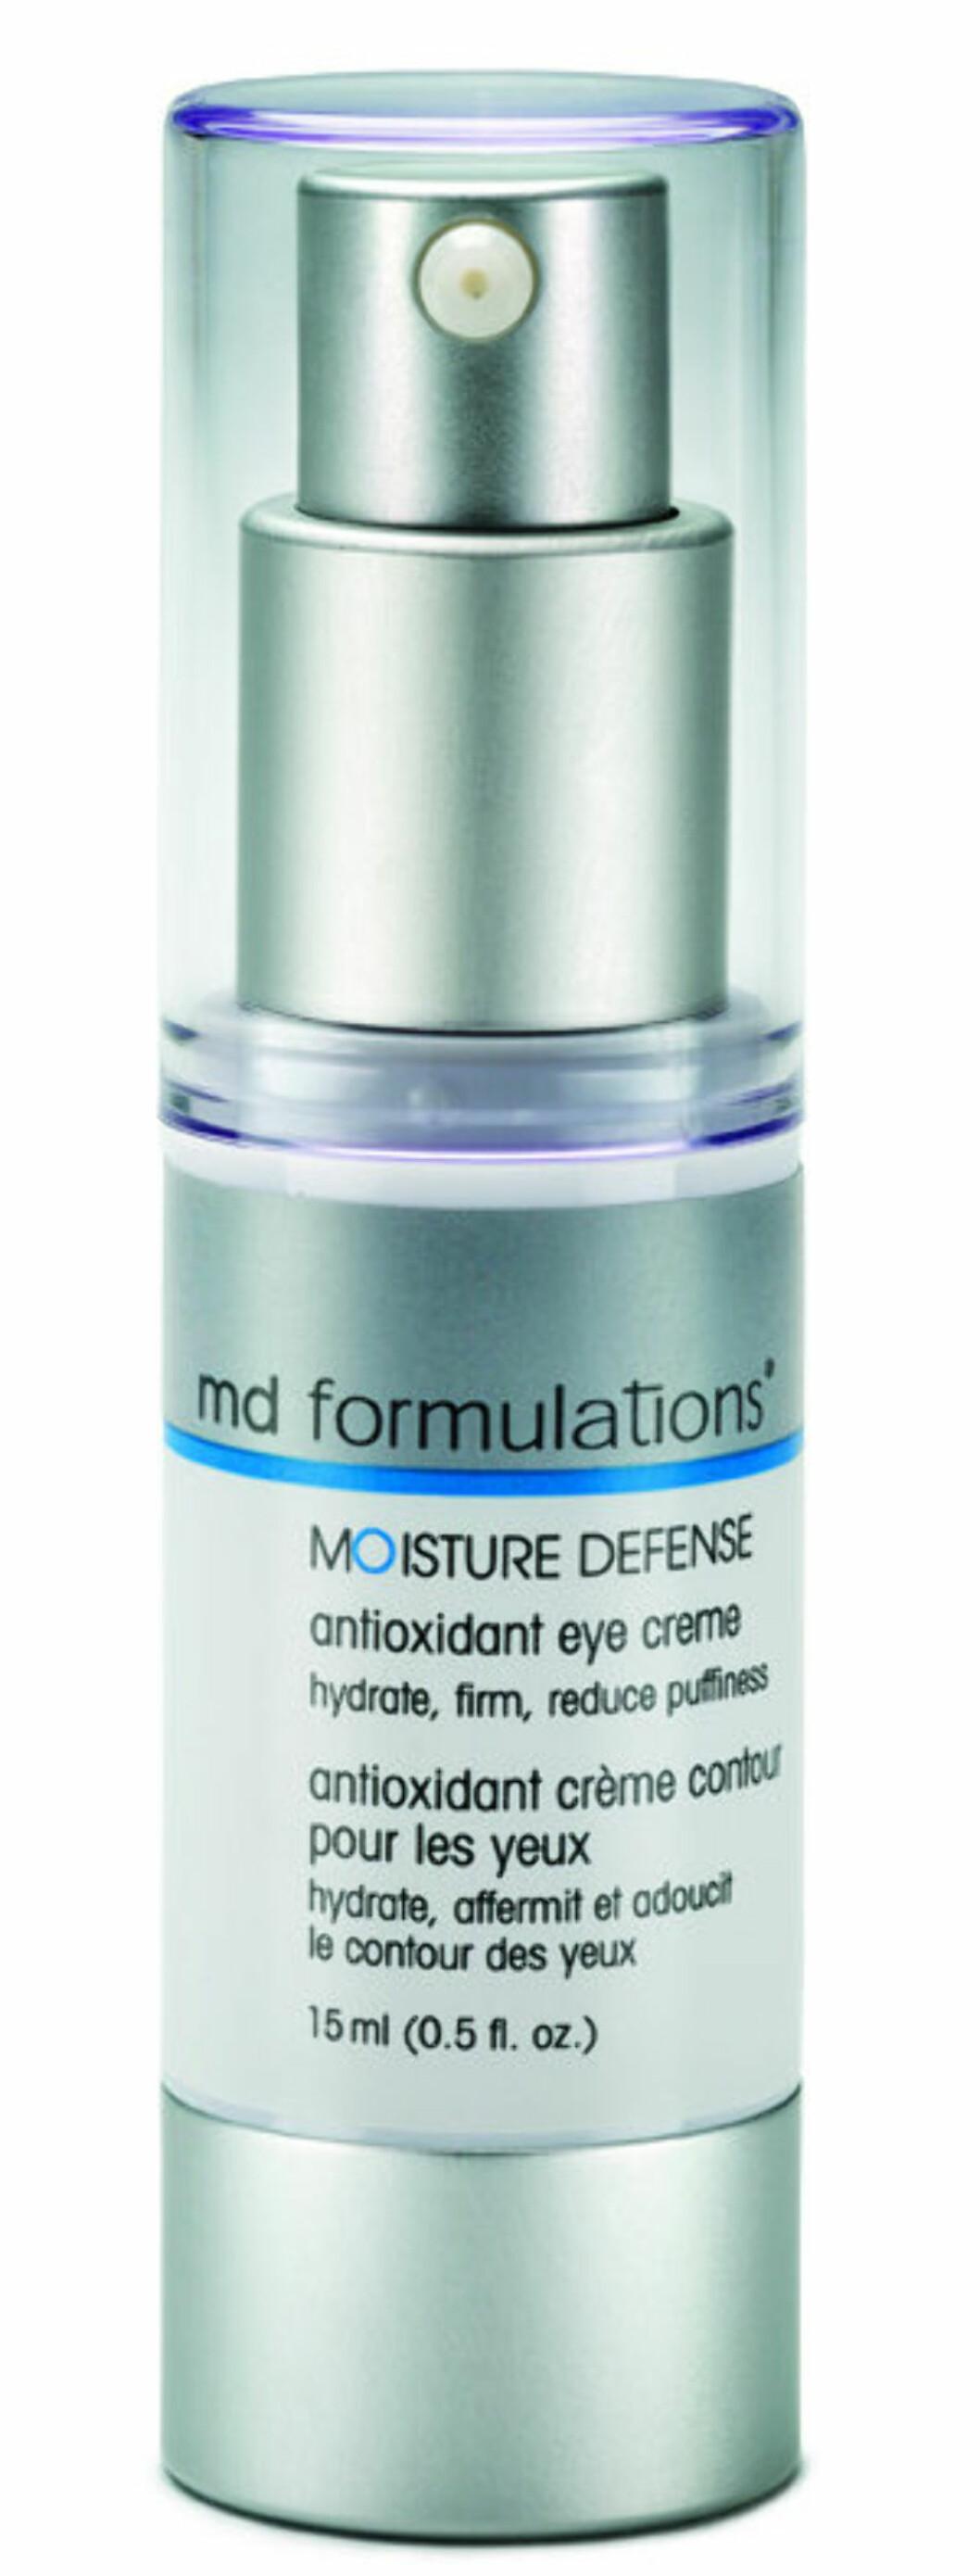 Effektiv krem som beskytter og gir masse fukt (kr 700, Md Formulation, Moisture Defense Antioxidant Eye Cream).